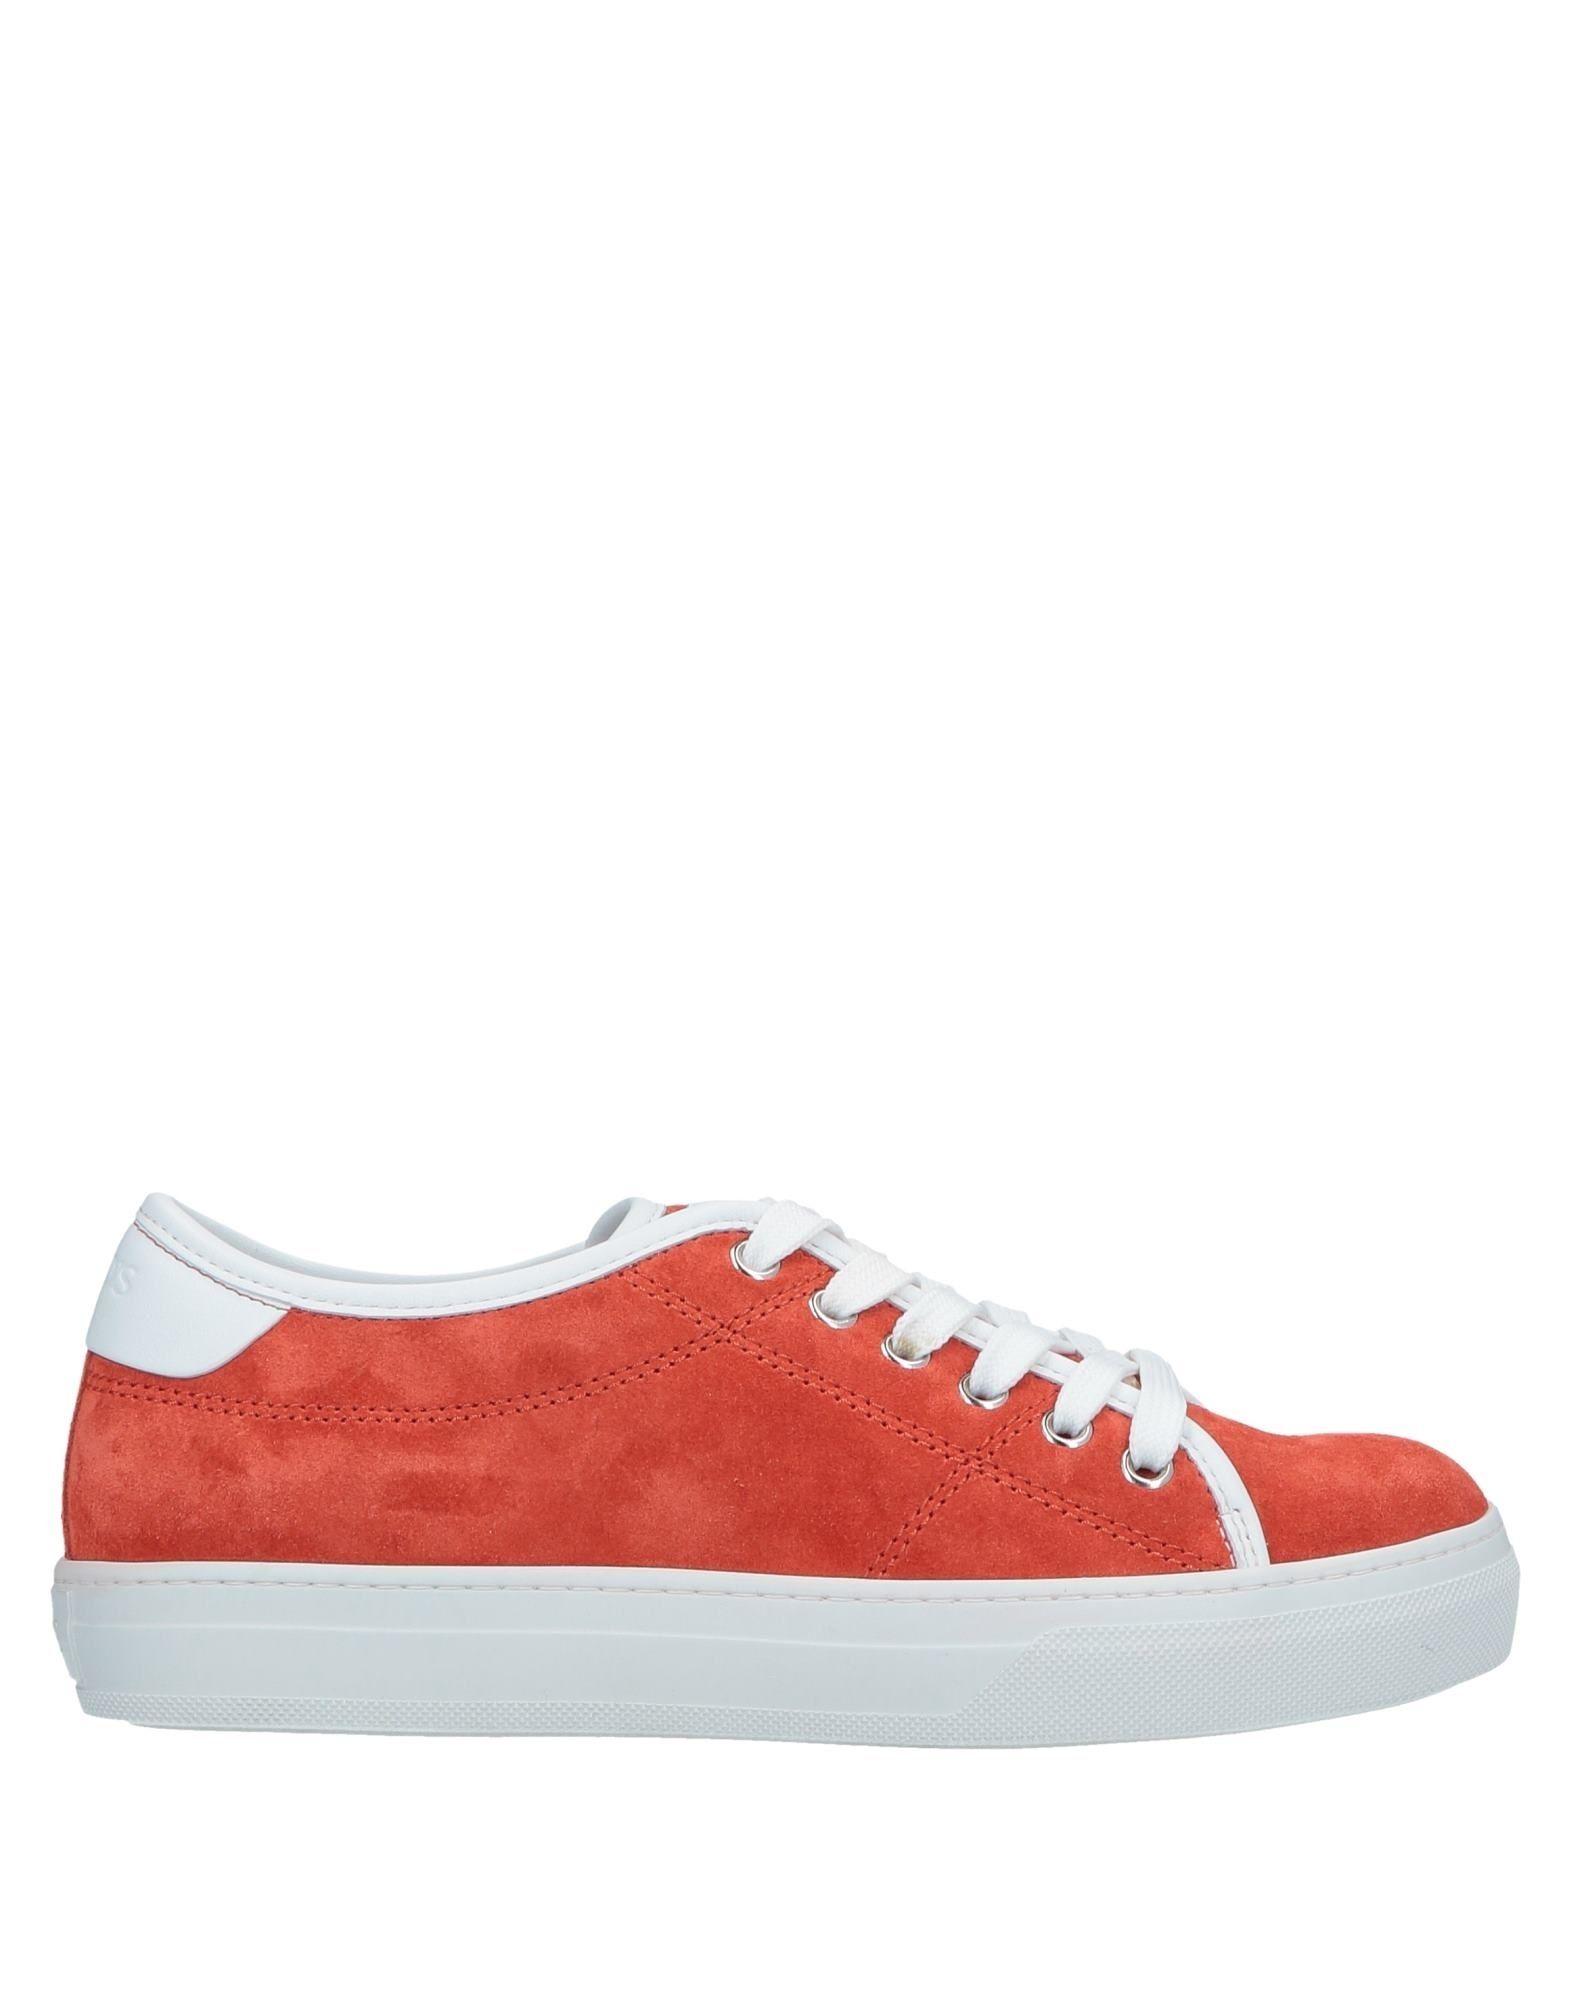 TOD'S トッズ レディース スニーカー&テニスシューズ(ローカット) 赤茶色 - コーラル - オレンジ - ターコイズブルー - パープル